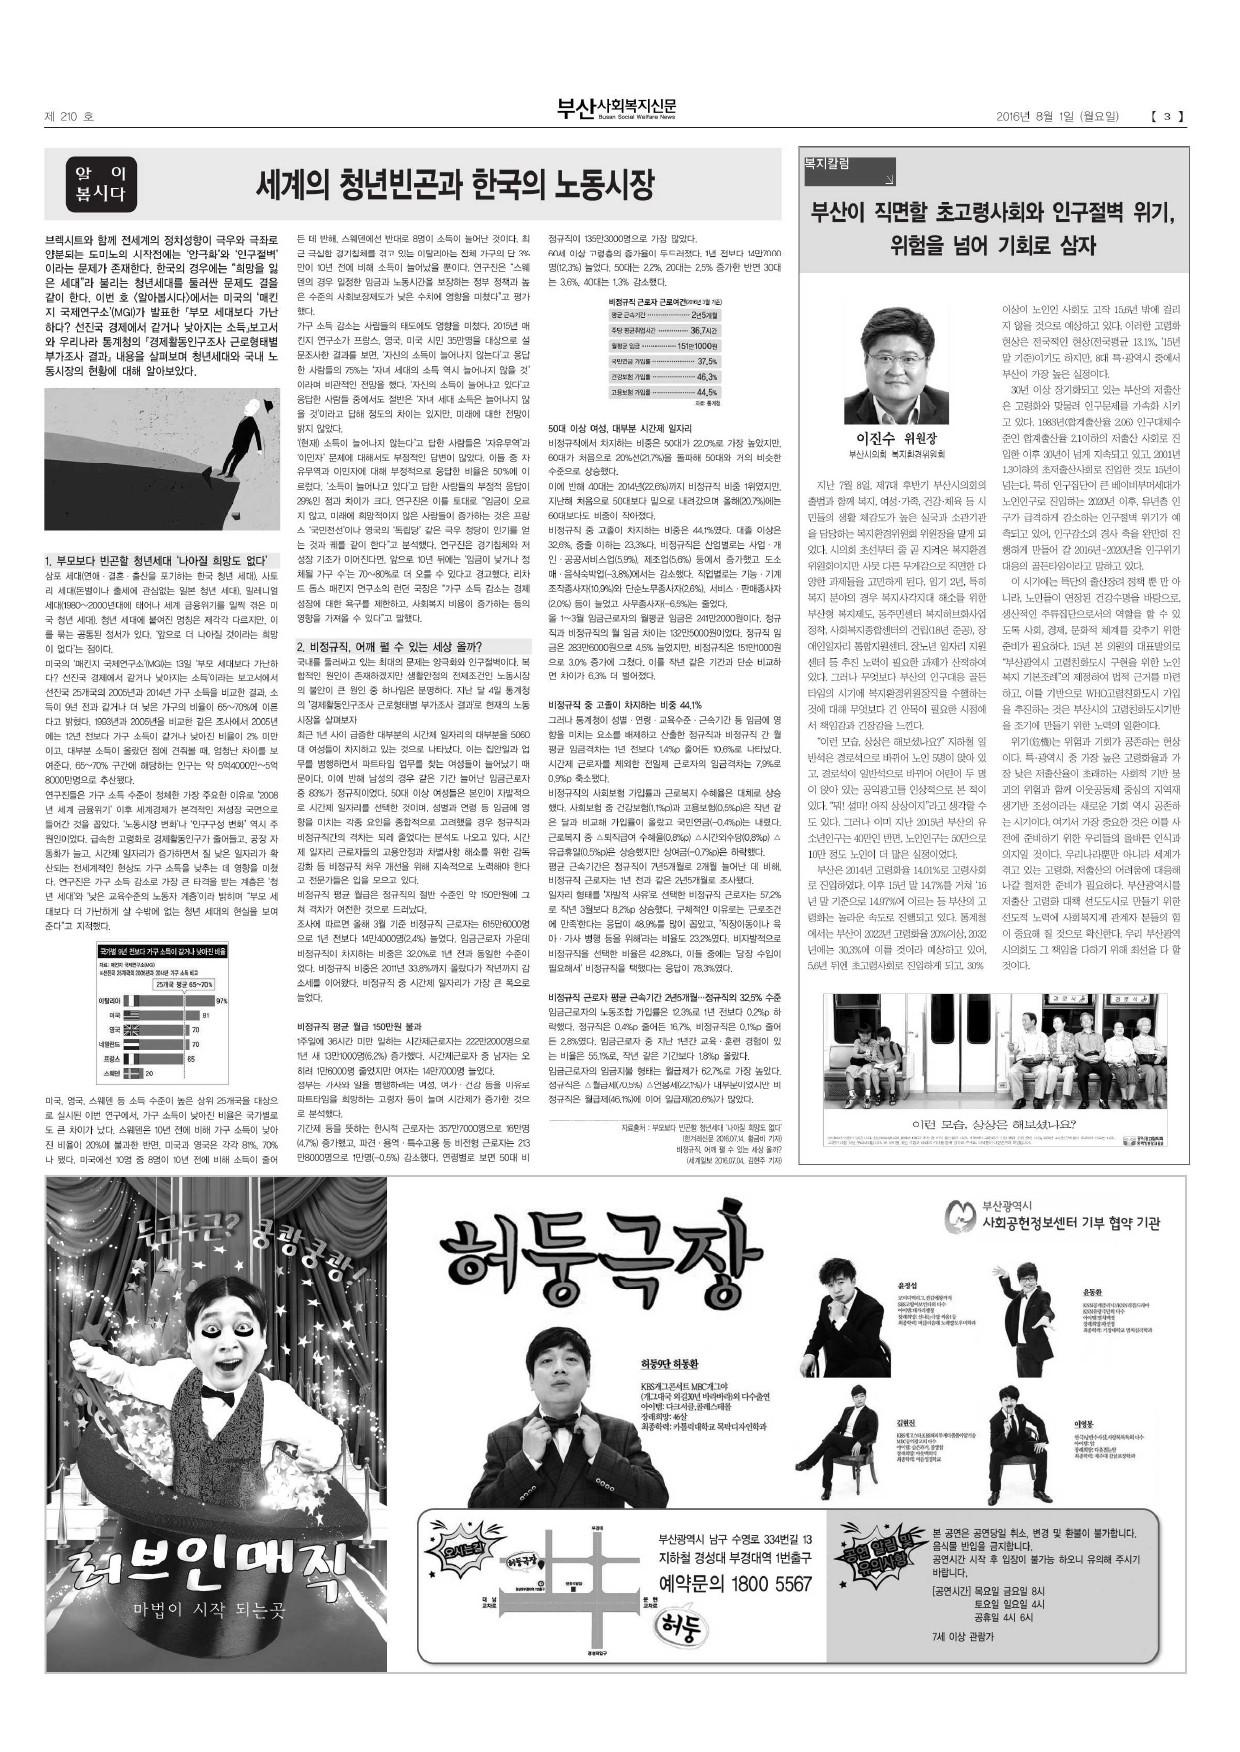 210호 신문-3.jpg